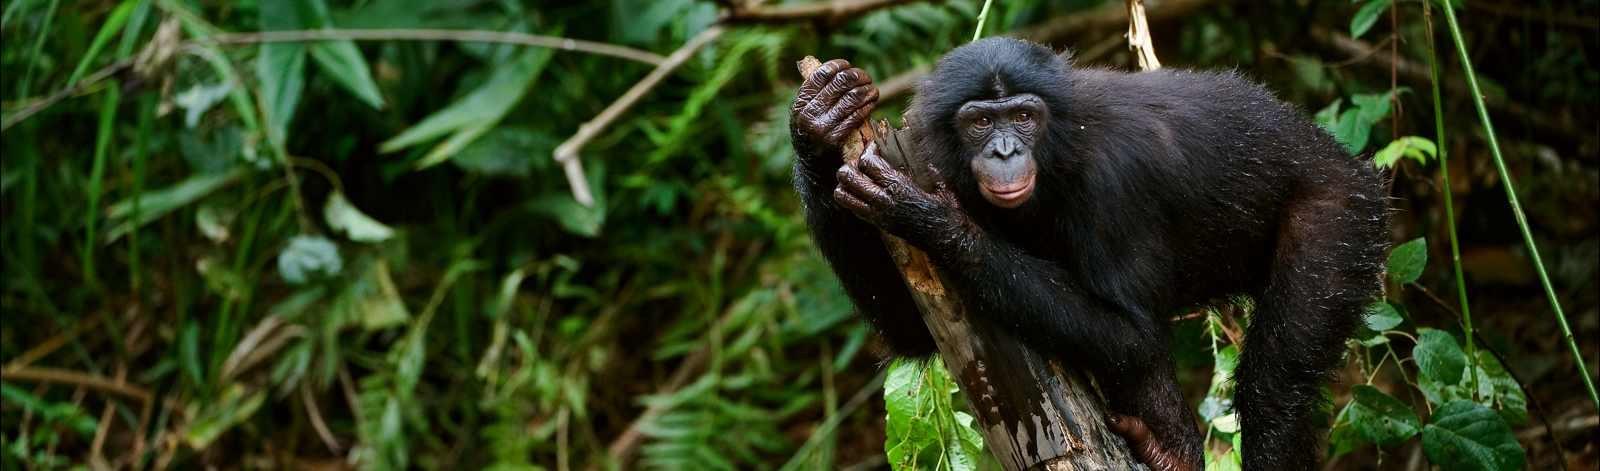 bonobopan_30_60688354